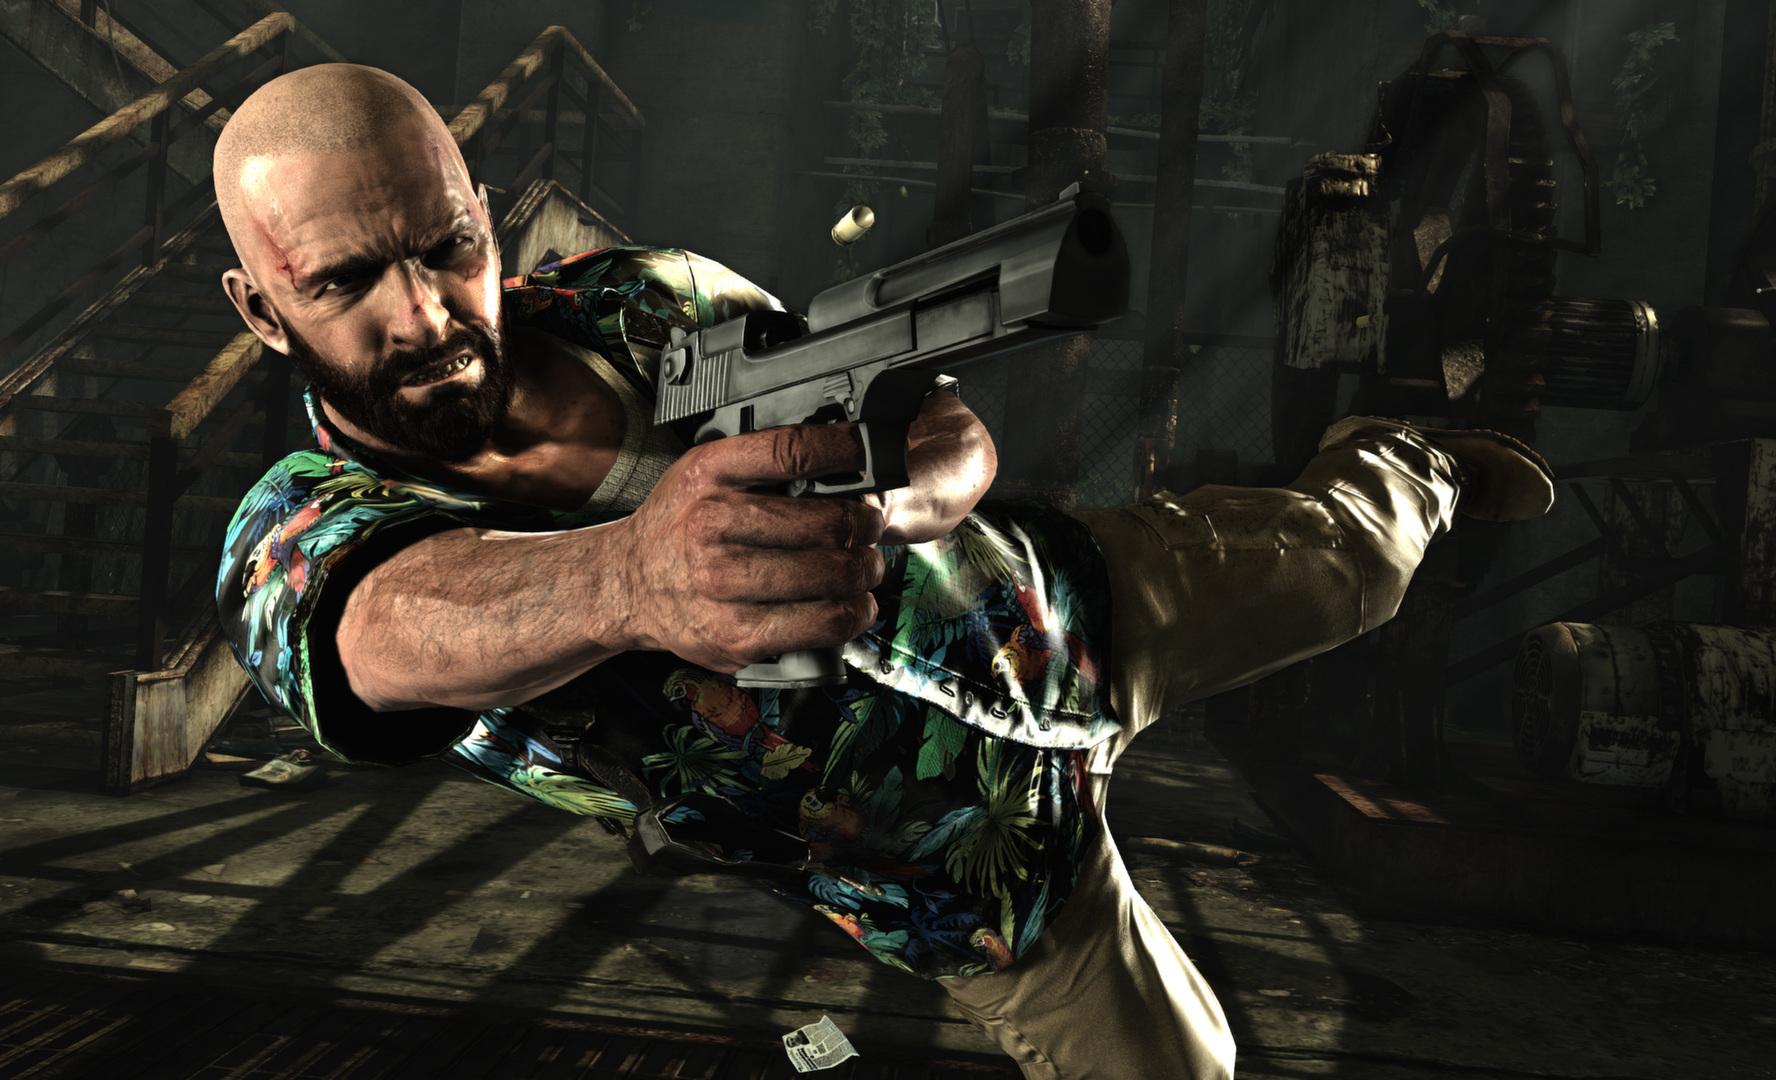 Link Tải Game Max Payne 3 Việt Hóa Miễn Phí Thành Công